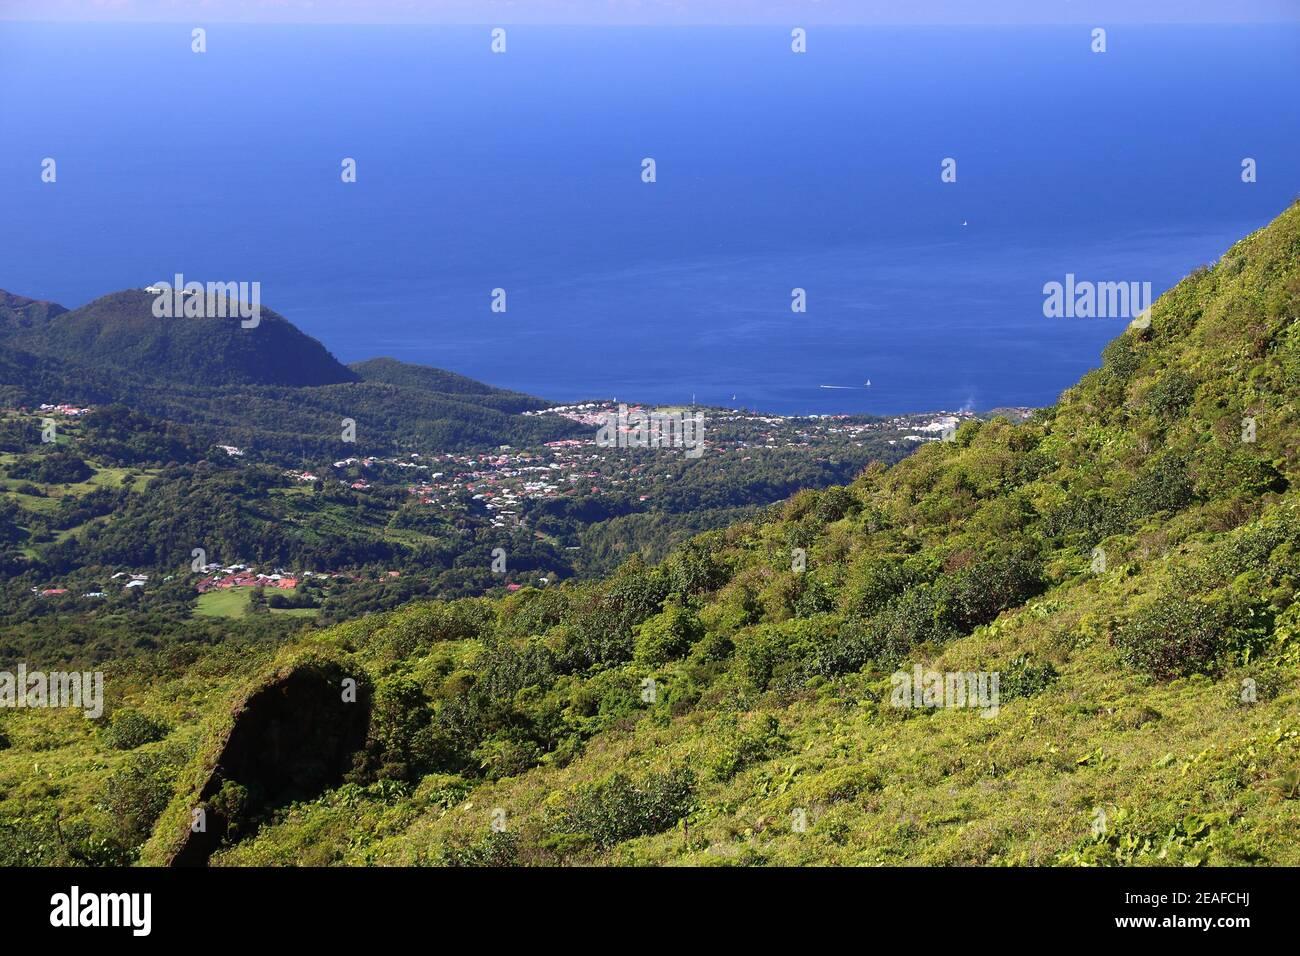 Paisaje de Guadalupe - Basse-Terre ciudad vista desde las laderas del volcán la Soufriere. Foto de stock